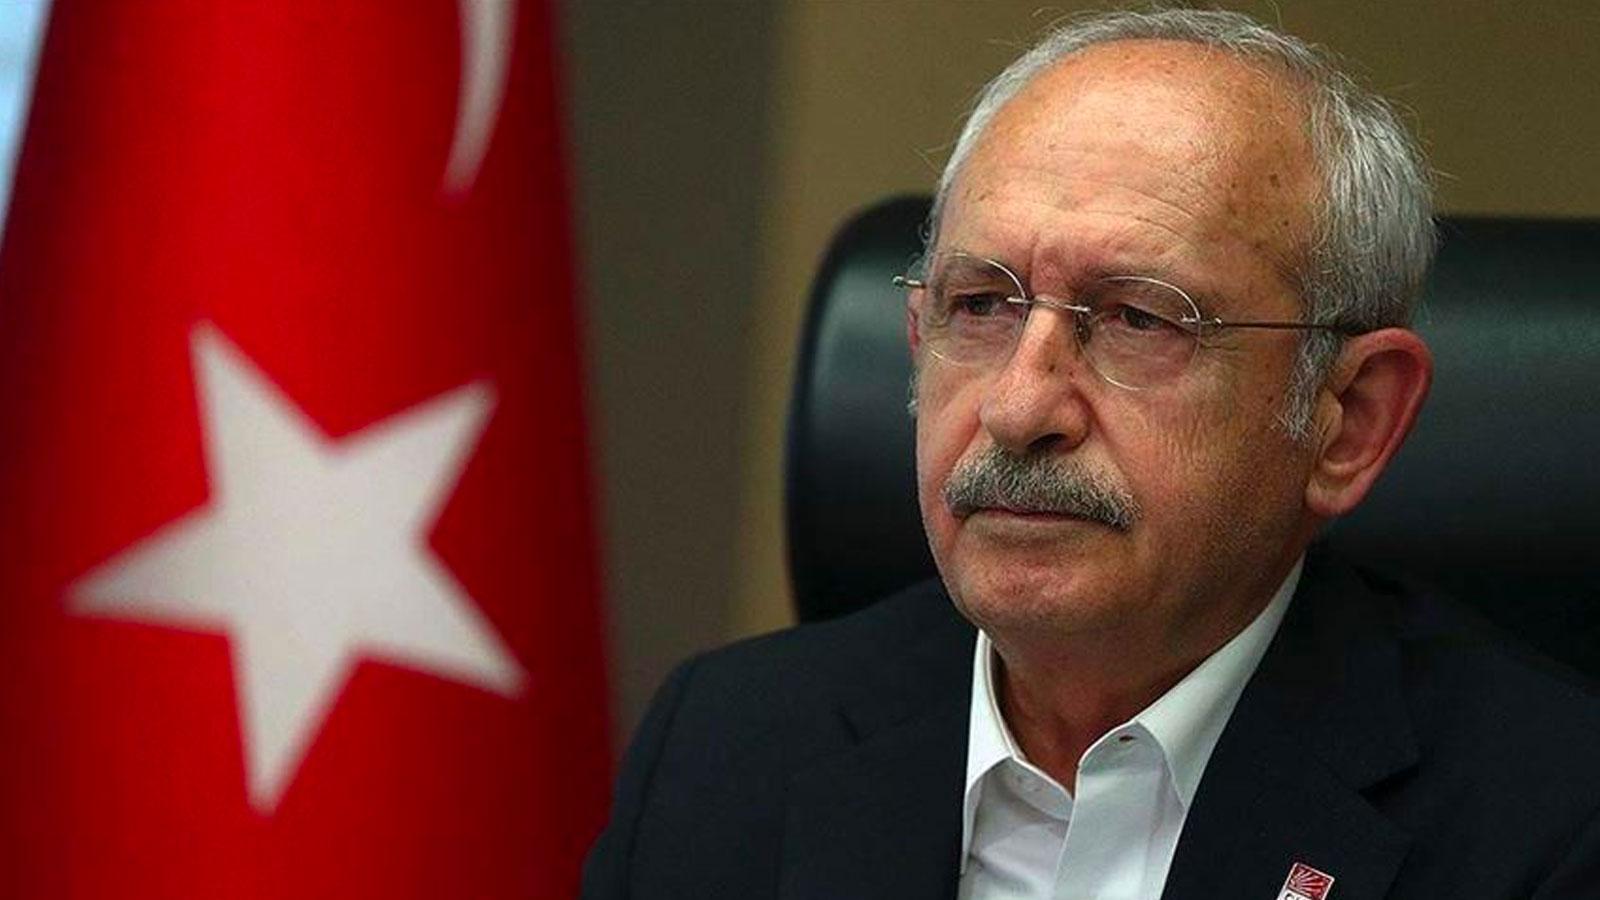 Kılıçdaroğlu'ndan doğalgaz yorumu: Yeter ki milletimiz için kullanılsın